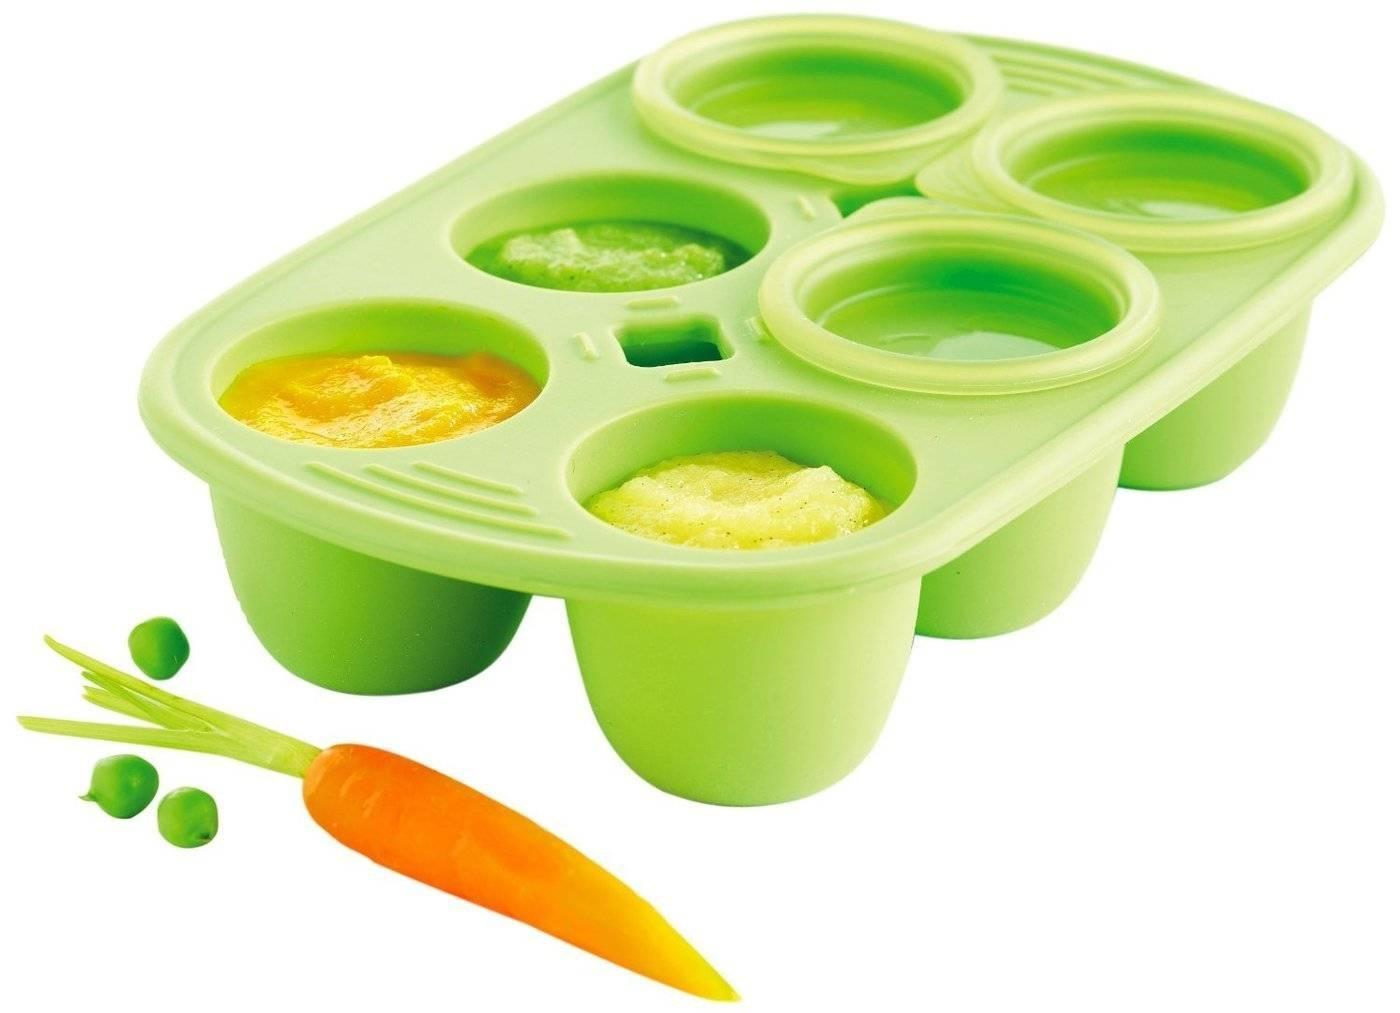 Silikonová miska Mastrad 6 porcí zelená 60ml - Mastrad